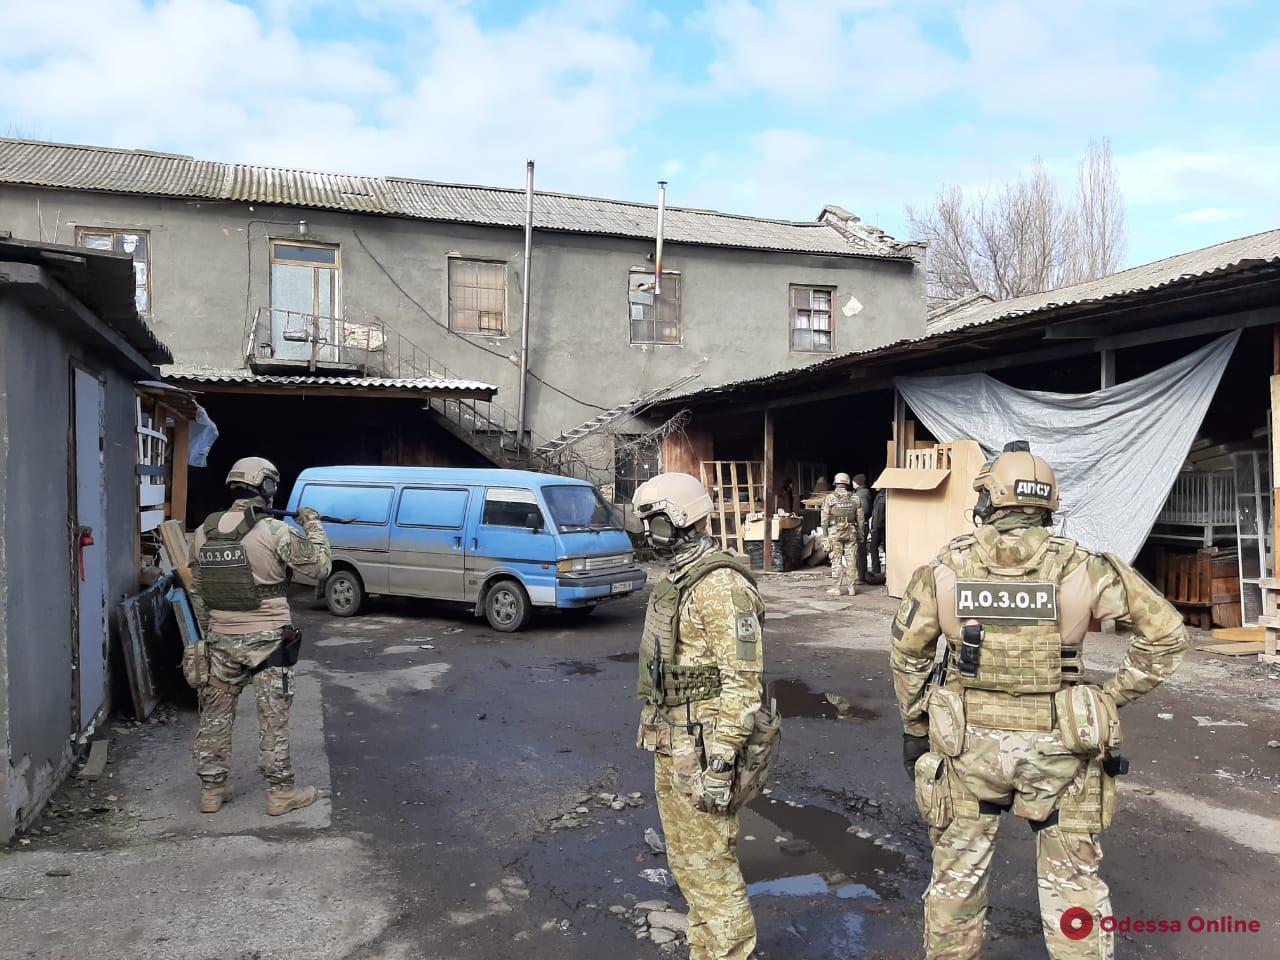 В Одесской области  раскрыли масштабную схему реализации «левых» сигарет  (фото, видео)